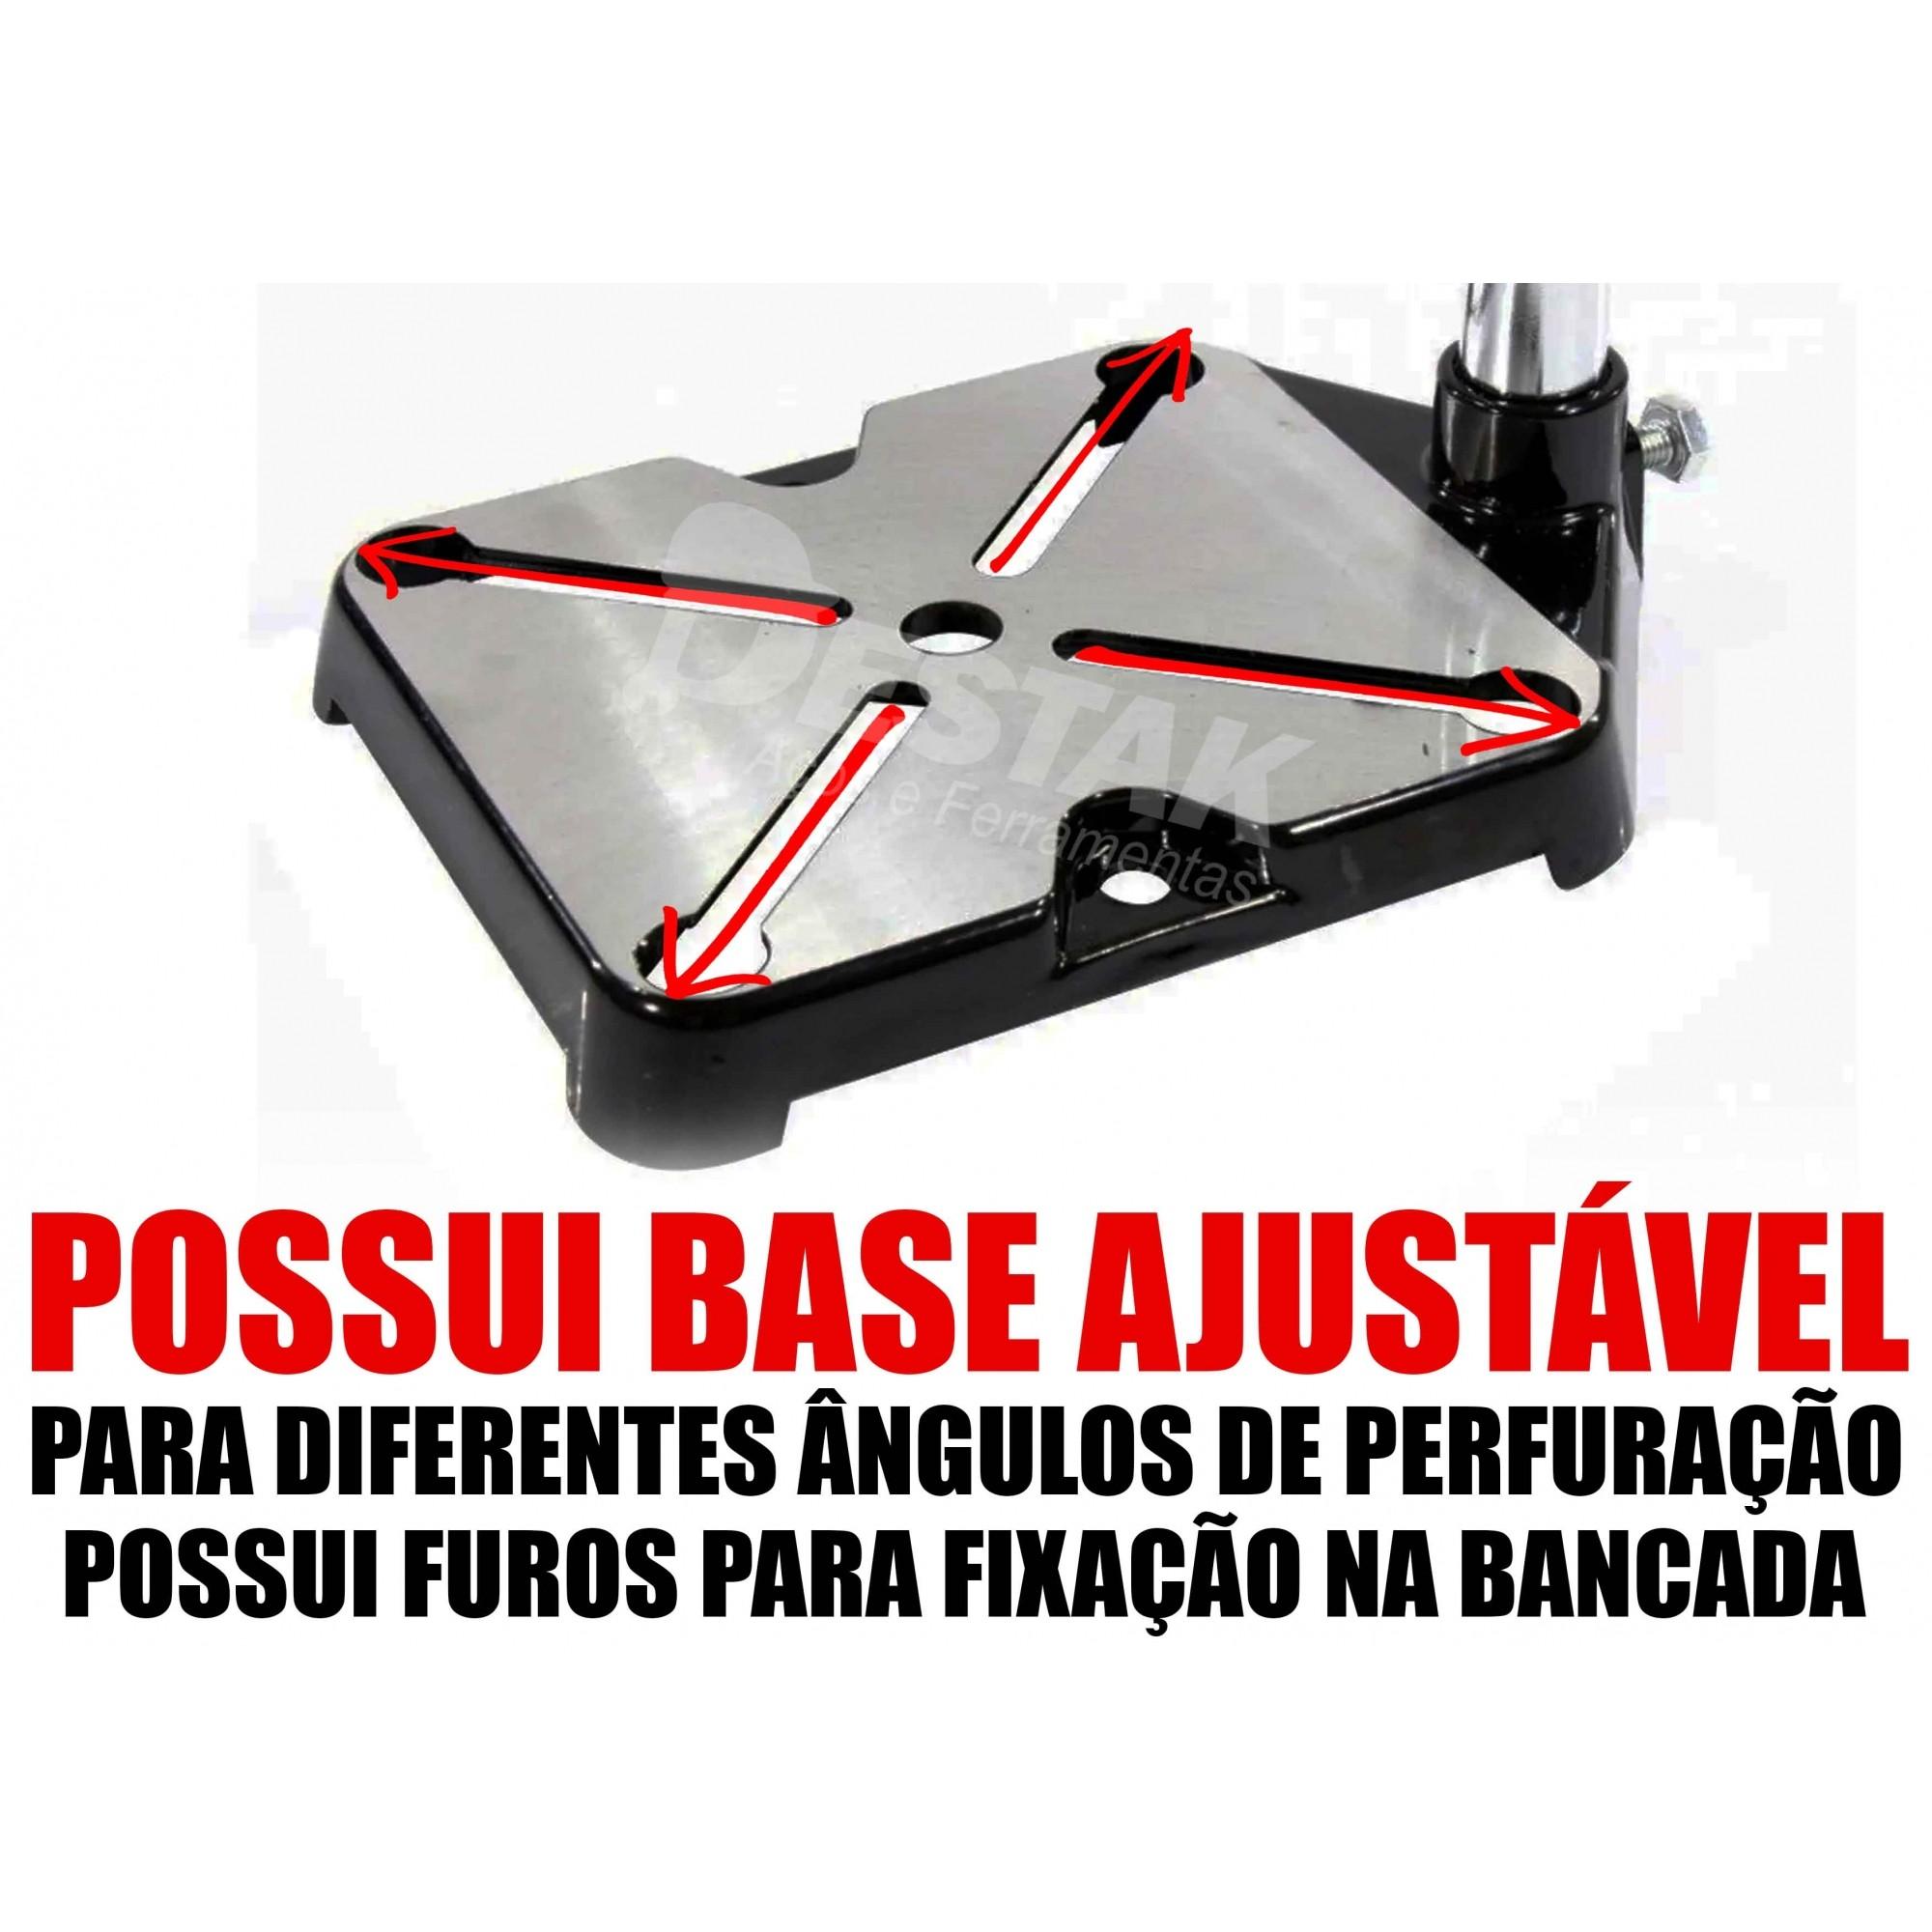 Suporte Para Furadeira Manual 1/2 E 3/8 Ajustavel + Brindes